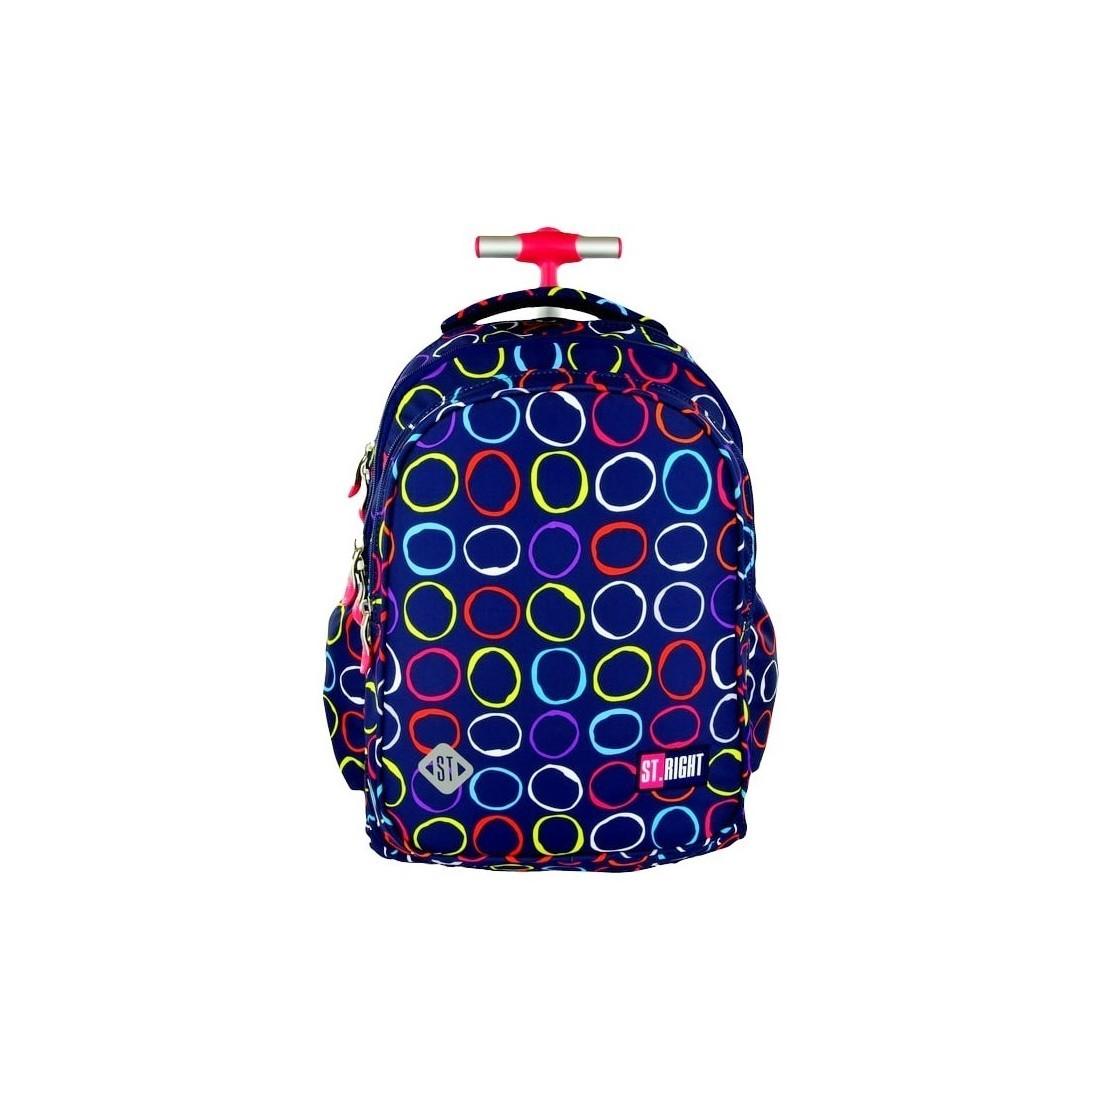 ea5f0e3caf3f9 Plecak szkolny na kółkach St.Right Hoops dla dziewczynki - plecak ...